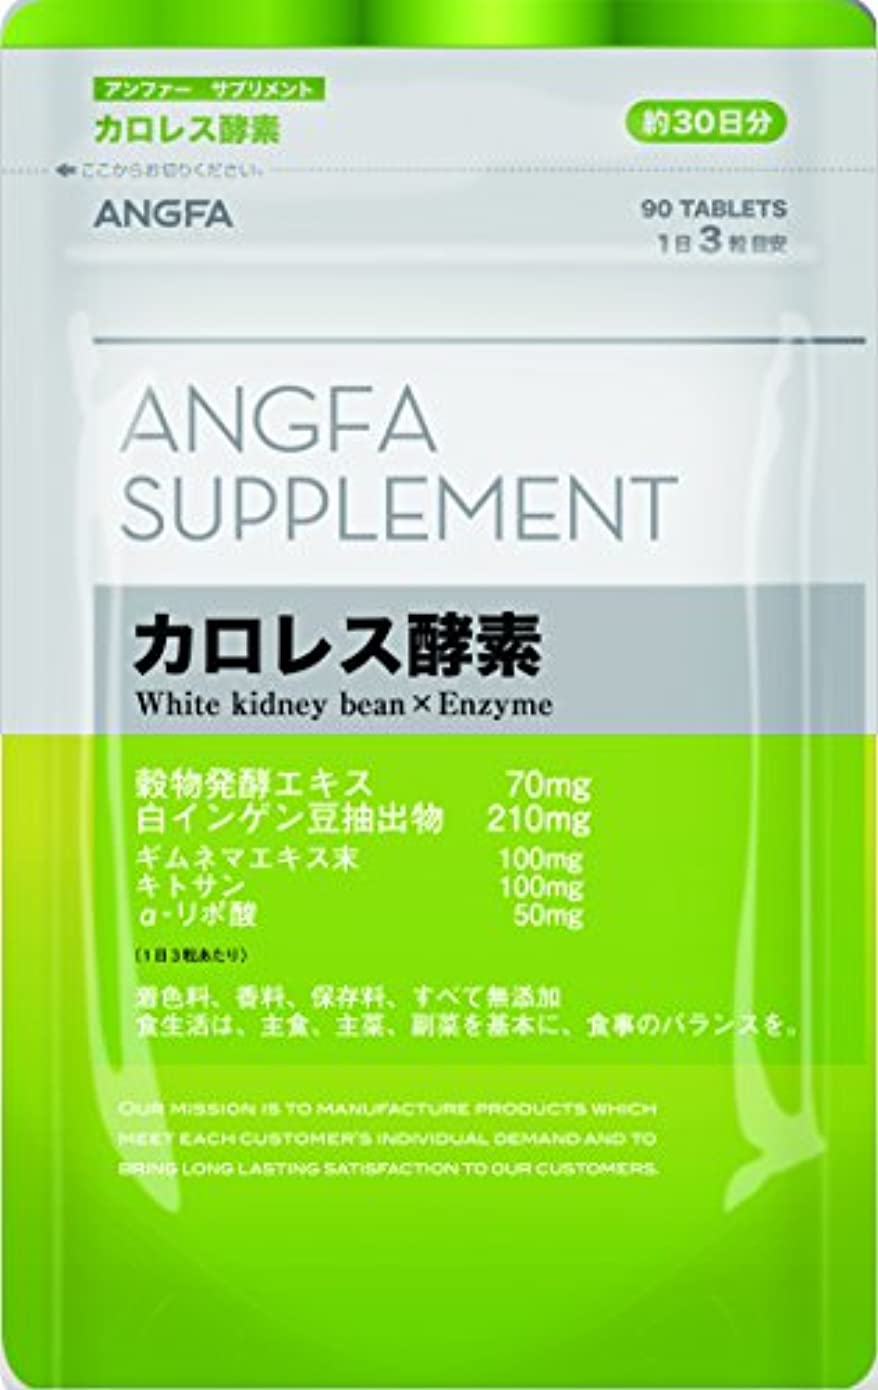 ペデスタル植物学者専門化するアンファー (ANGFA) サプリメント カロレス酵素 90粒 ダイエットサポート サプリメント